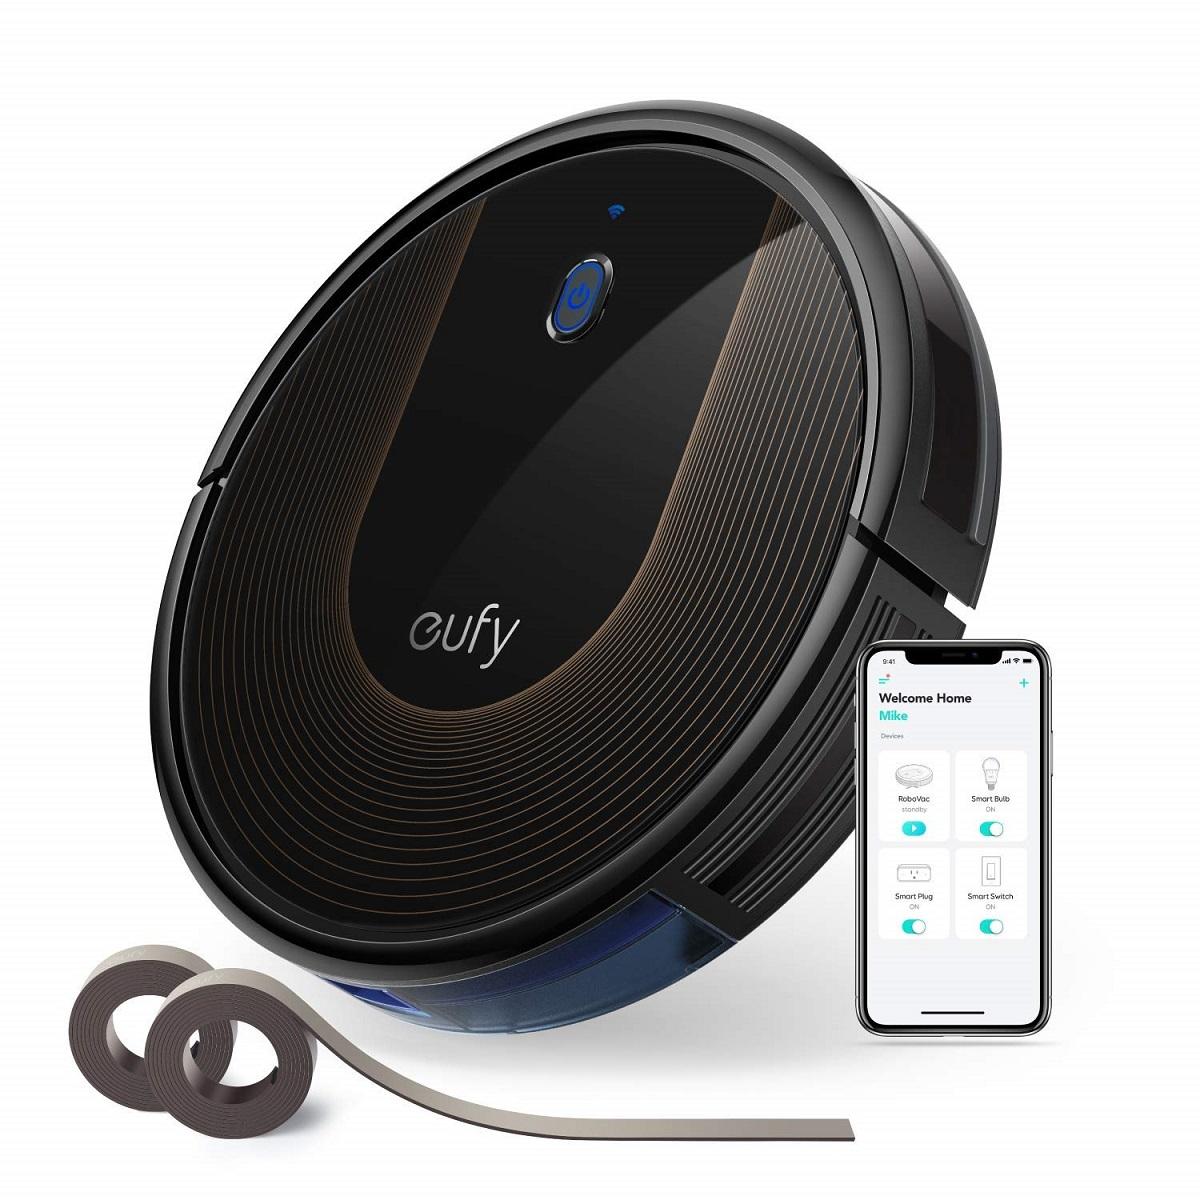 ロボット掃除機 Eufy RoboVac 30C by Anker ロボット掃除機【BoostIQ搭載 / Wi-Fi対応 / 1500Paの強力吸引 / 静音設計 / 自動充電】